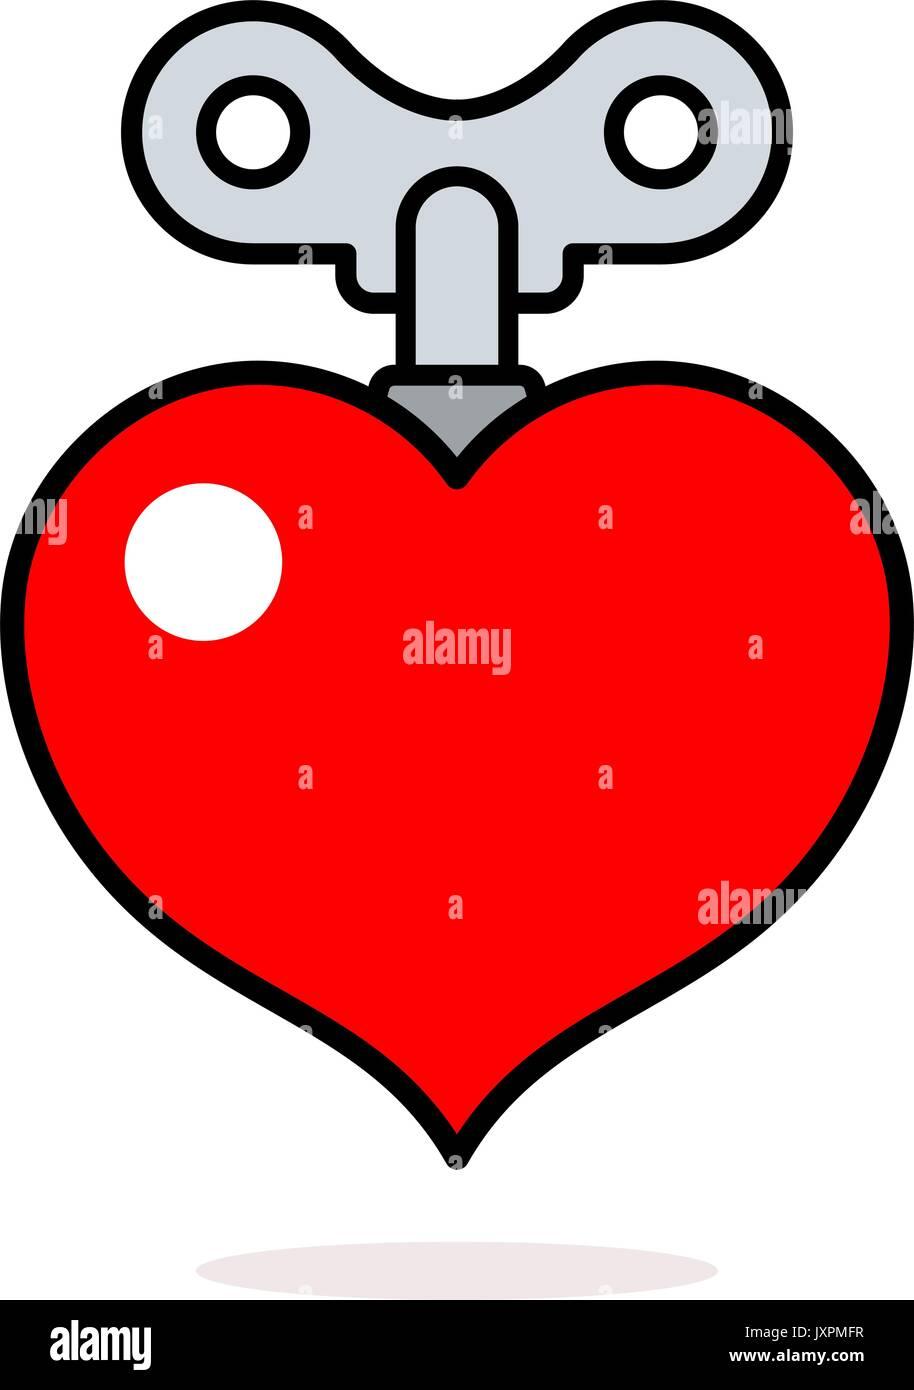 Cartoon Heart Key Stock Photos Cartoon Heart Key Stock Images Alamy